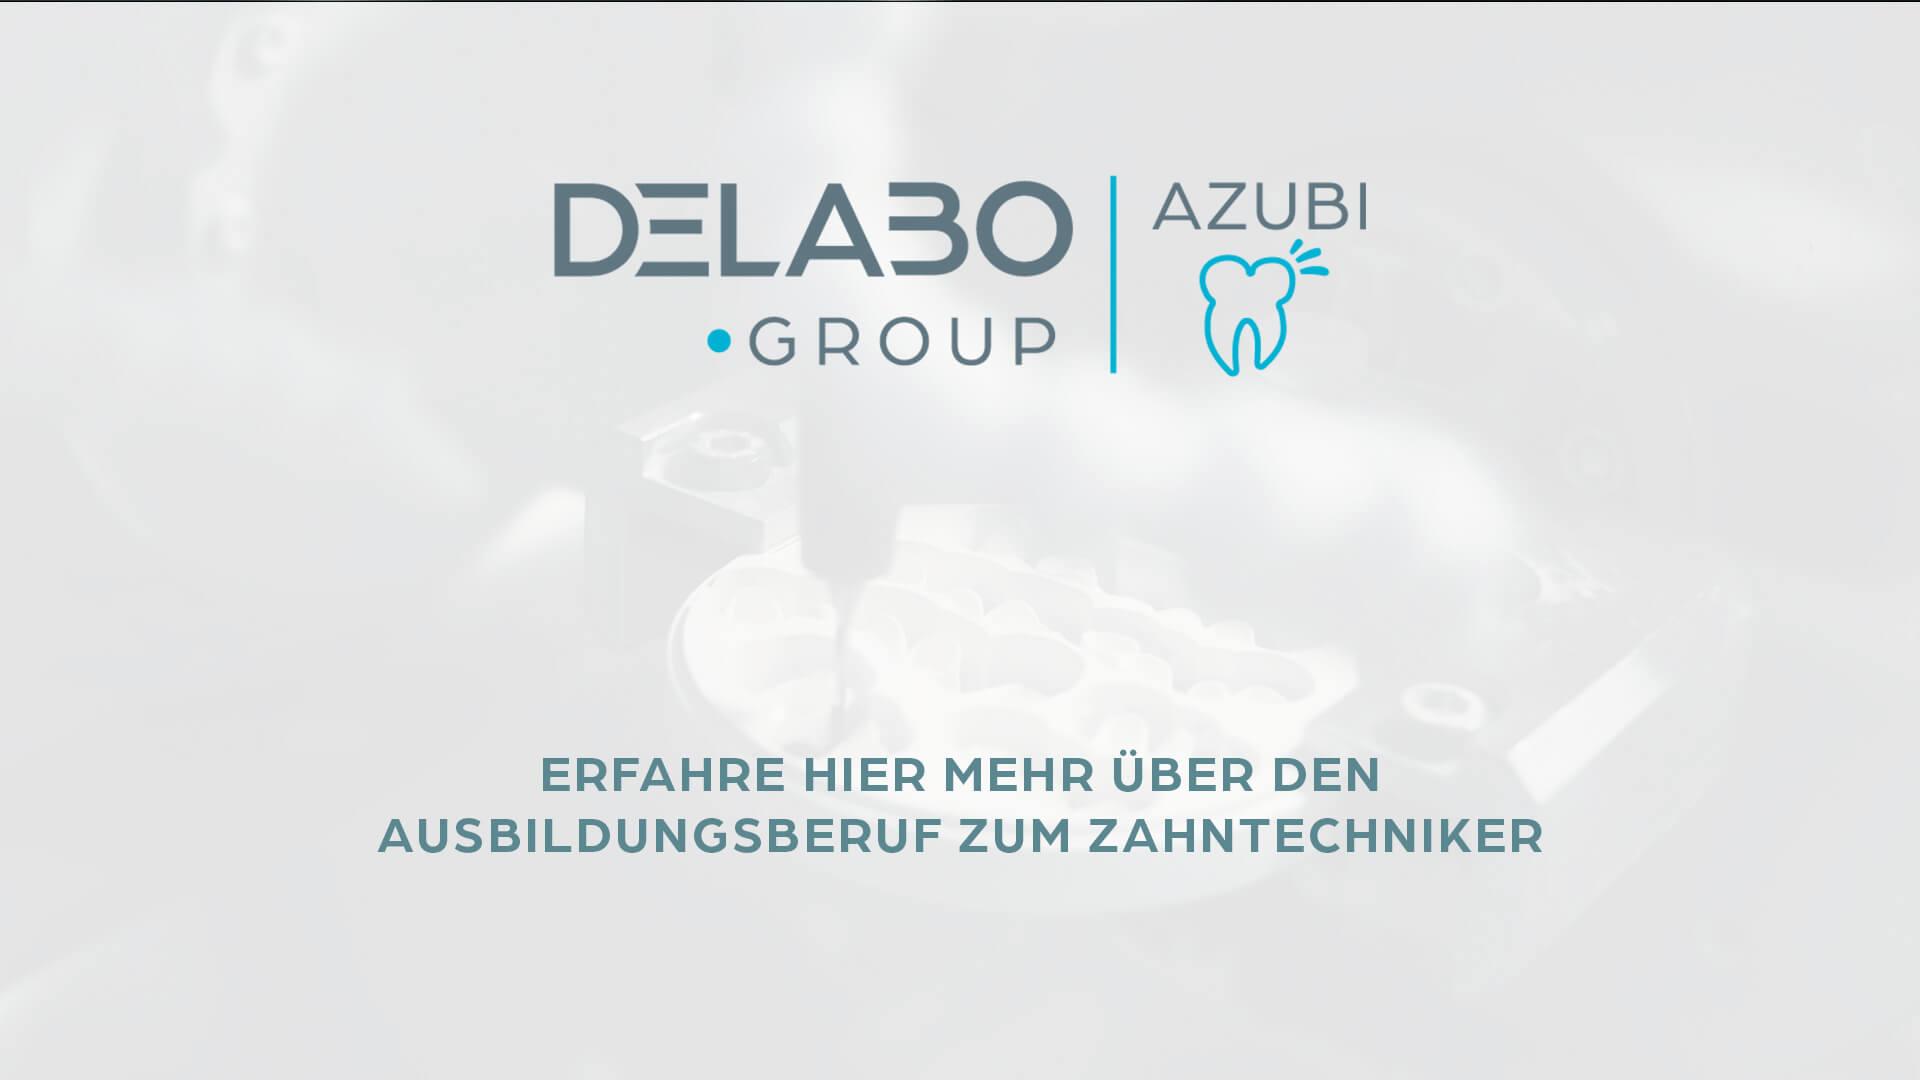 DELABO Azubi